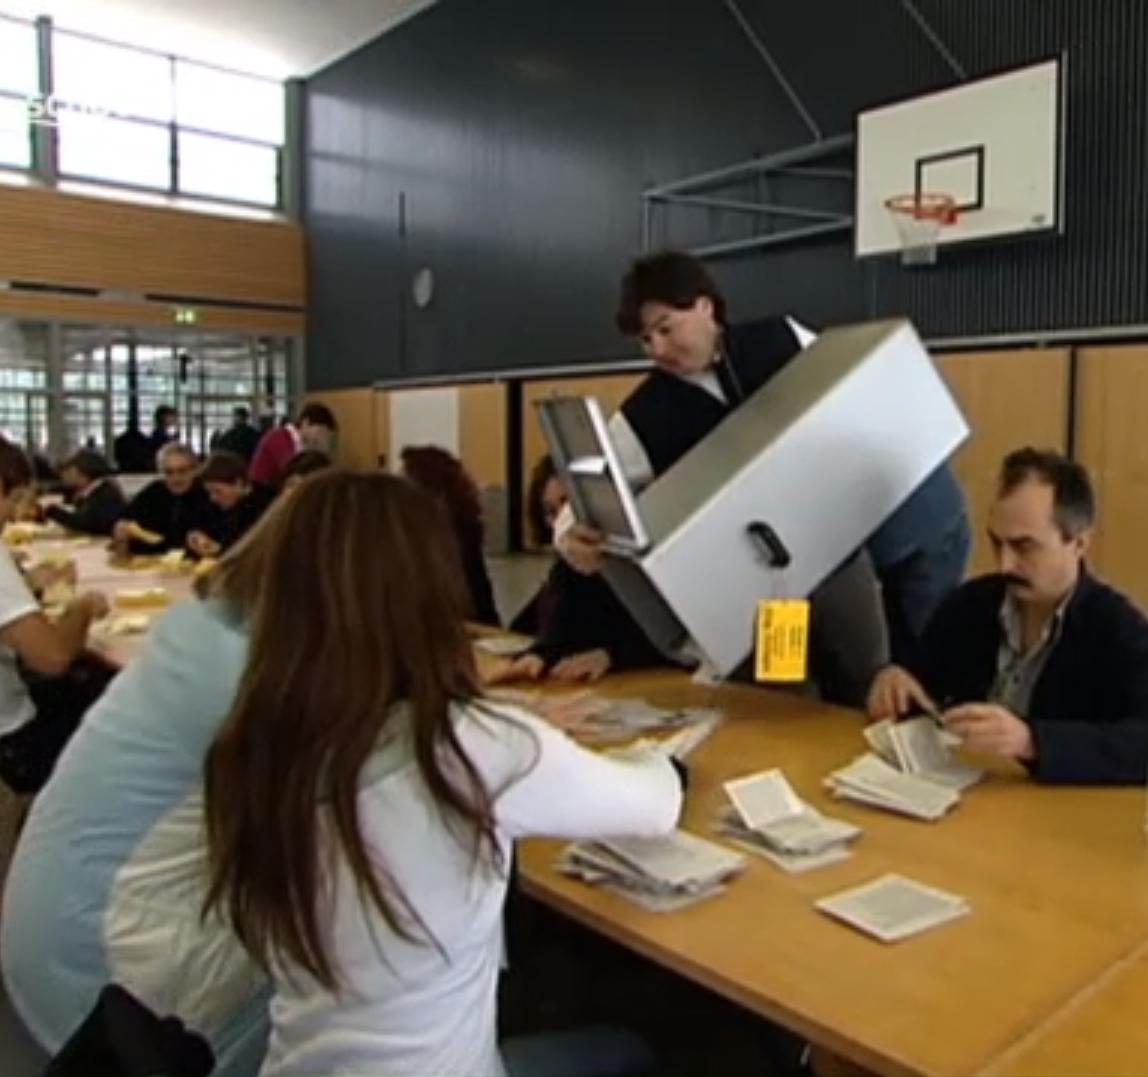 Preview image for LOM object Politik und Gesellschaft: Abstimmen und mitbestimmen